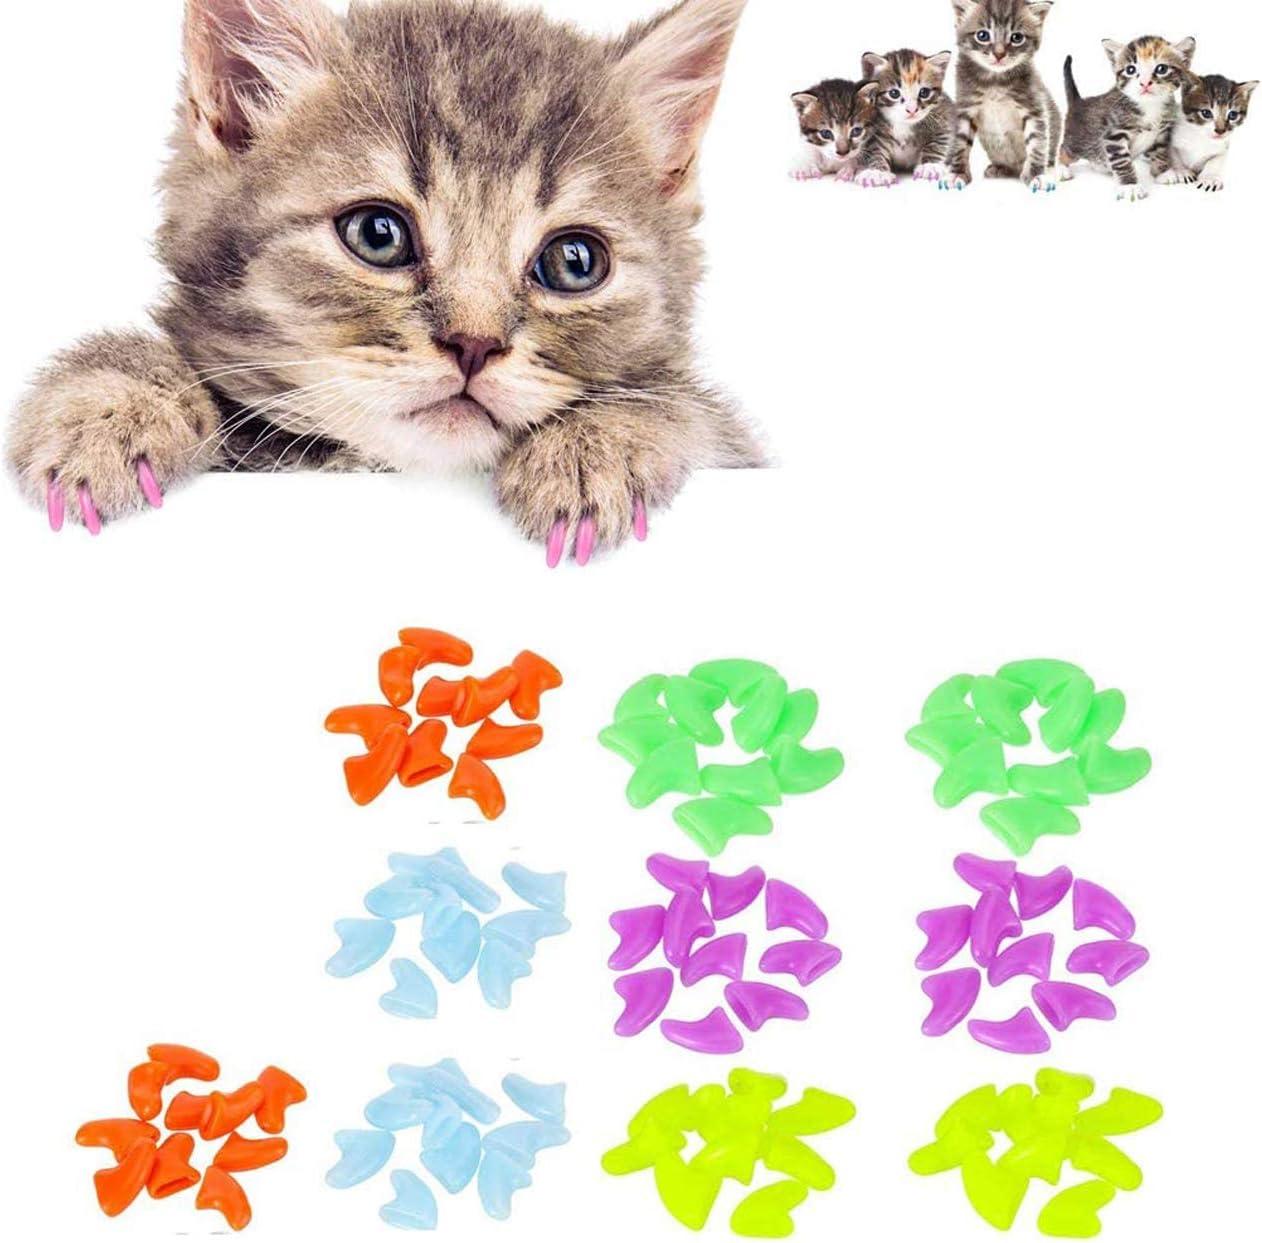 Tapas de garra de gato de Vicport, gatos, patas, arreglos de uñas, tapas de uñas para mascotas y gatos (100 unidades): Amazon.es: Productos para mascotas